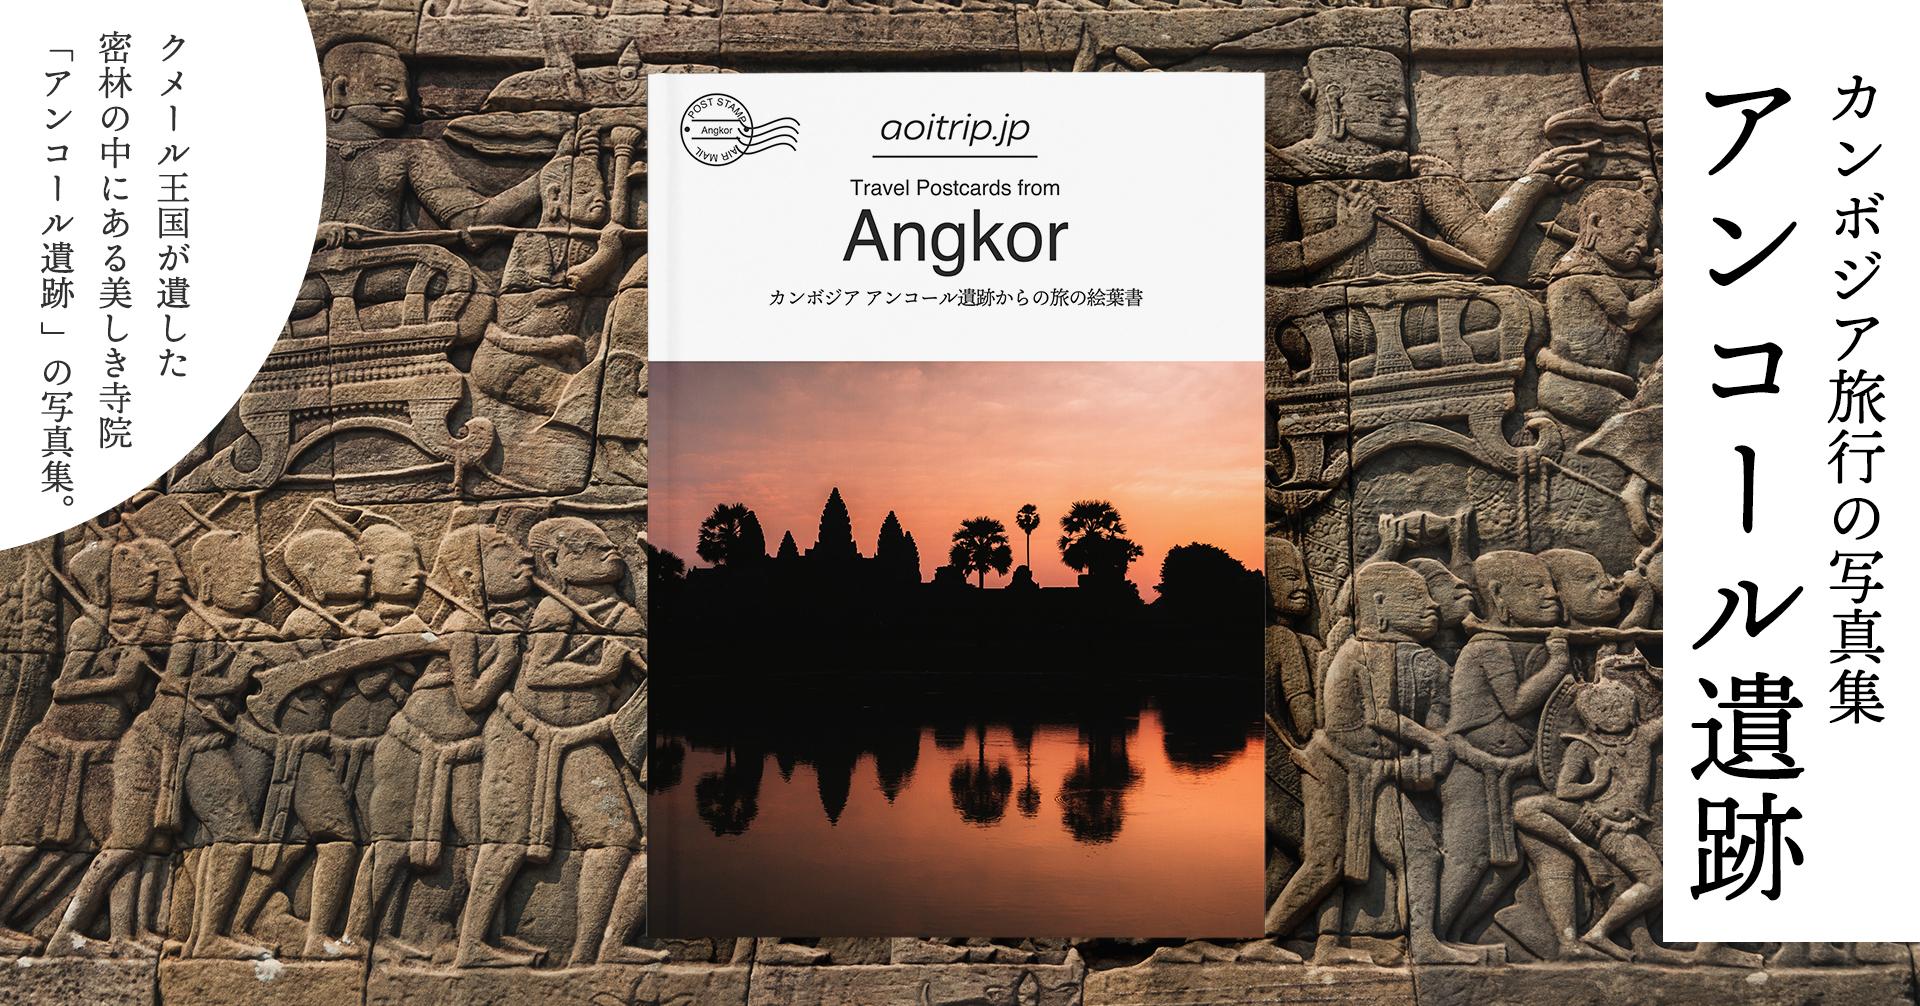 カンボジア アンコール遺跡からの旅の絵葉書 Travel Postcards from Angkor, Cambodia